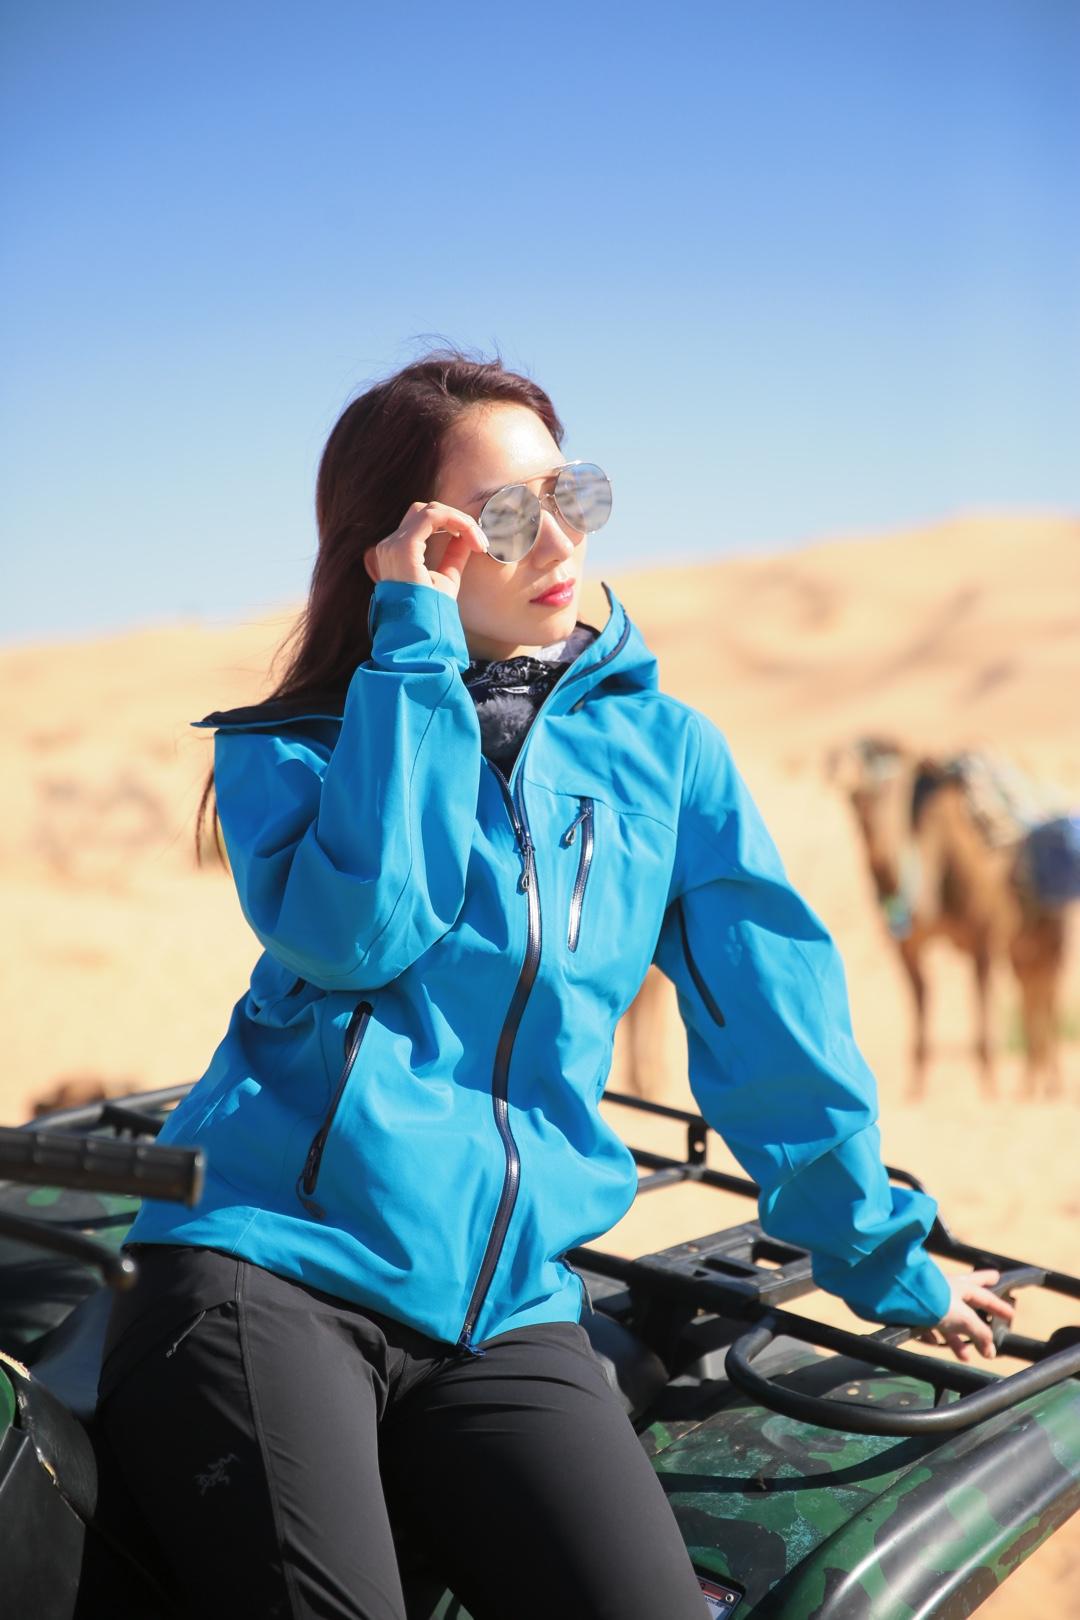 我真的很喜欢蓝色啊!沙漠里依然穿了这件蓝色冲锋衣!带上炫酷的太阳镜,倚在机车边上的山支大哥是不是超拉风der?!#今天开启旅行博主模式#